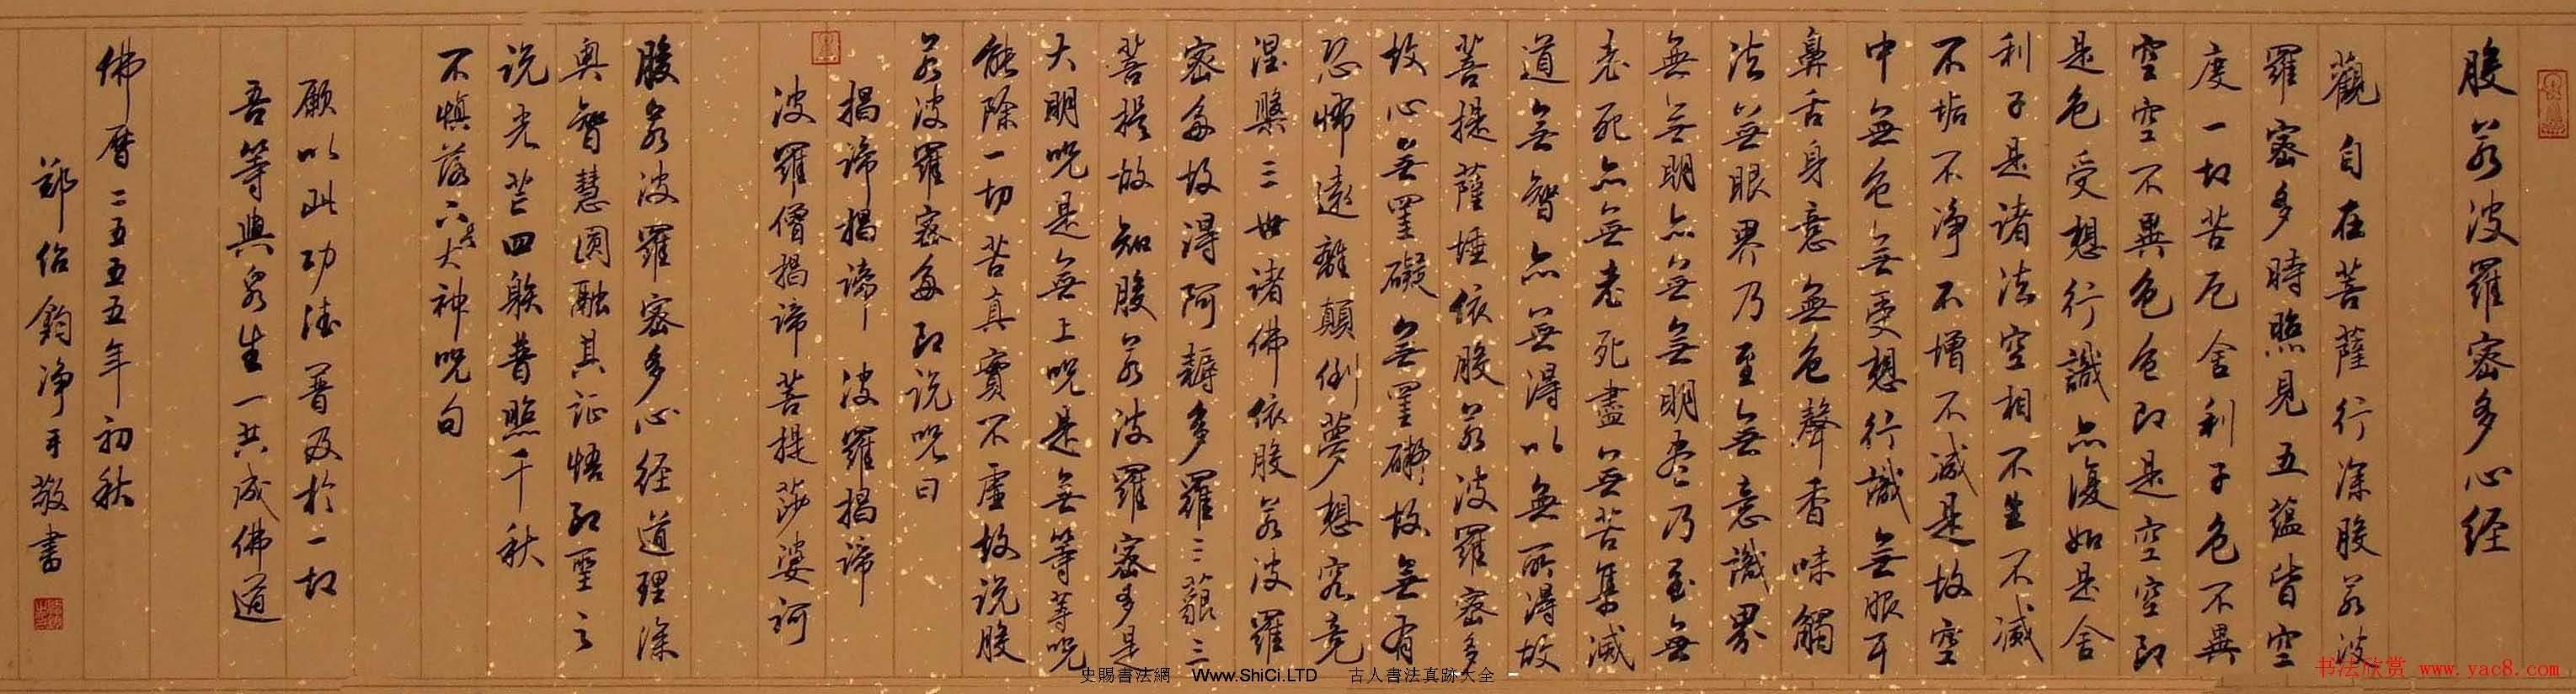 鄭紹鈞行書書法作品真跡《心經》兩種(共6張圖片)